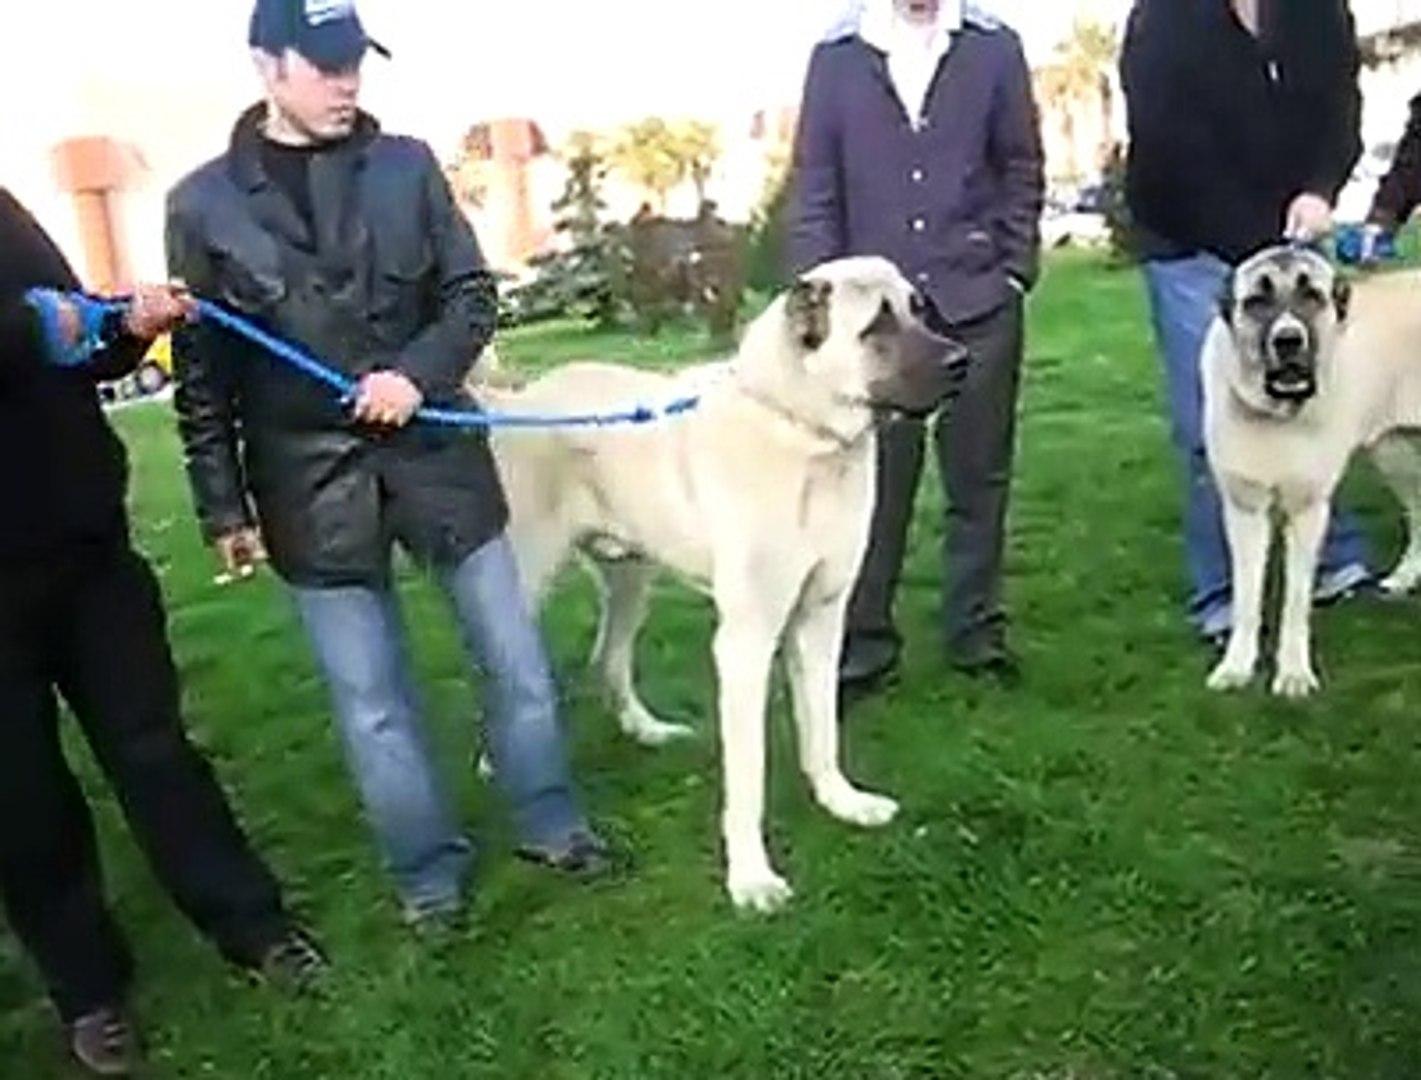 USTAD SERBULENT OZGiRAY CEKiMi MALAKLI KOPEGi - MALAKLI SHEPHERD DOG